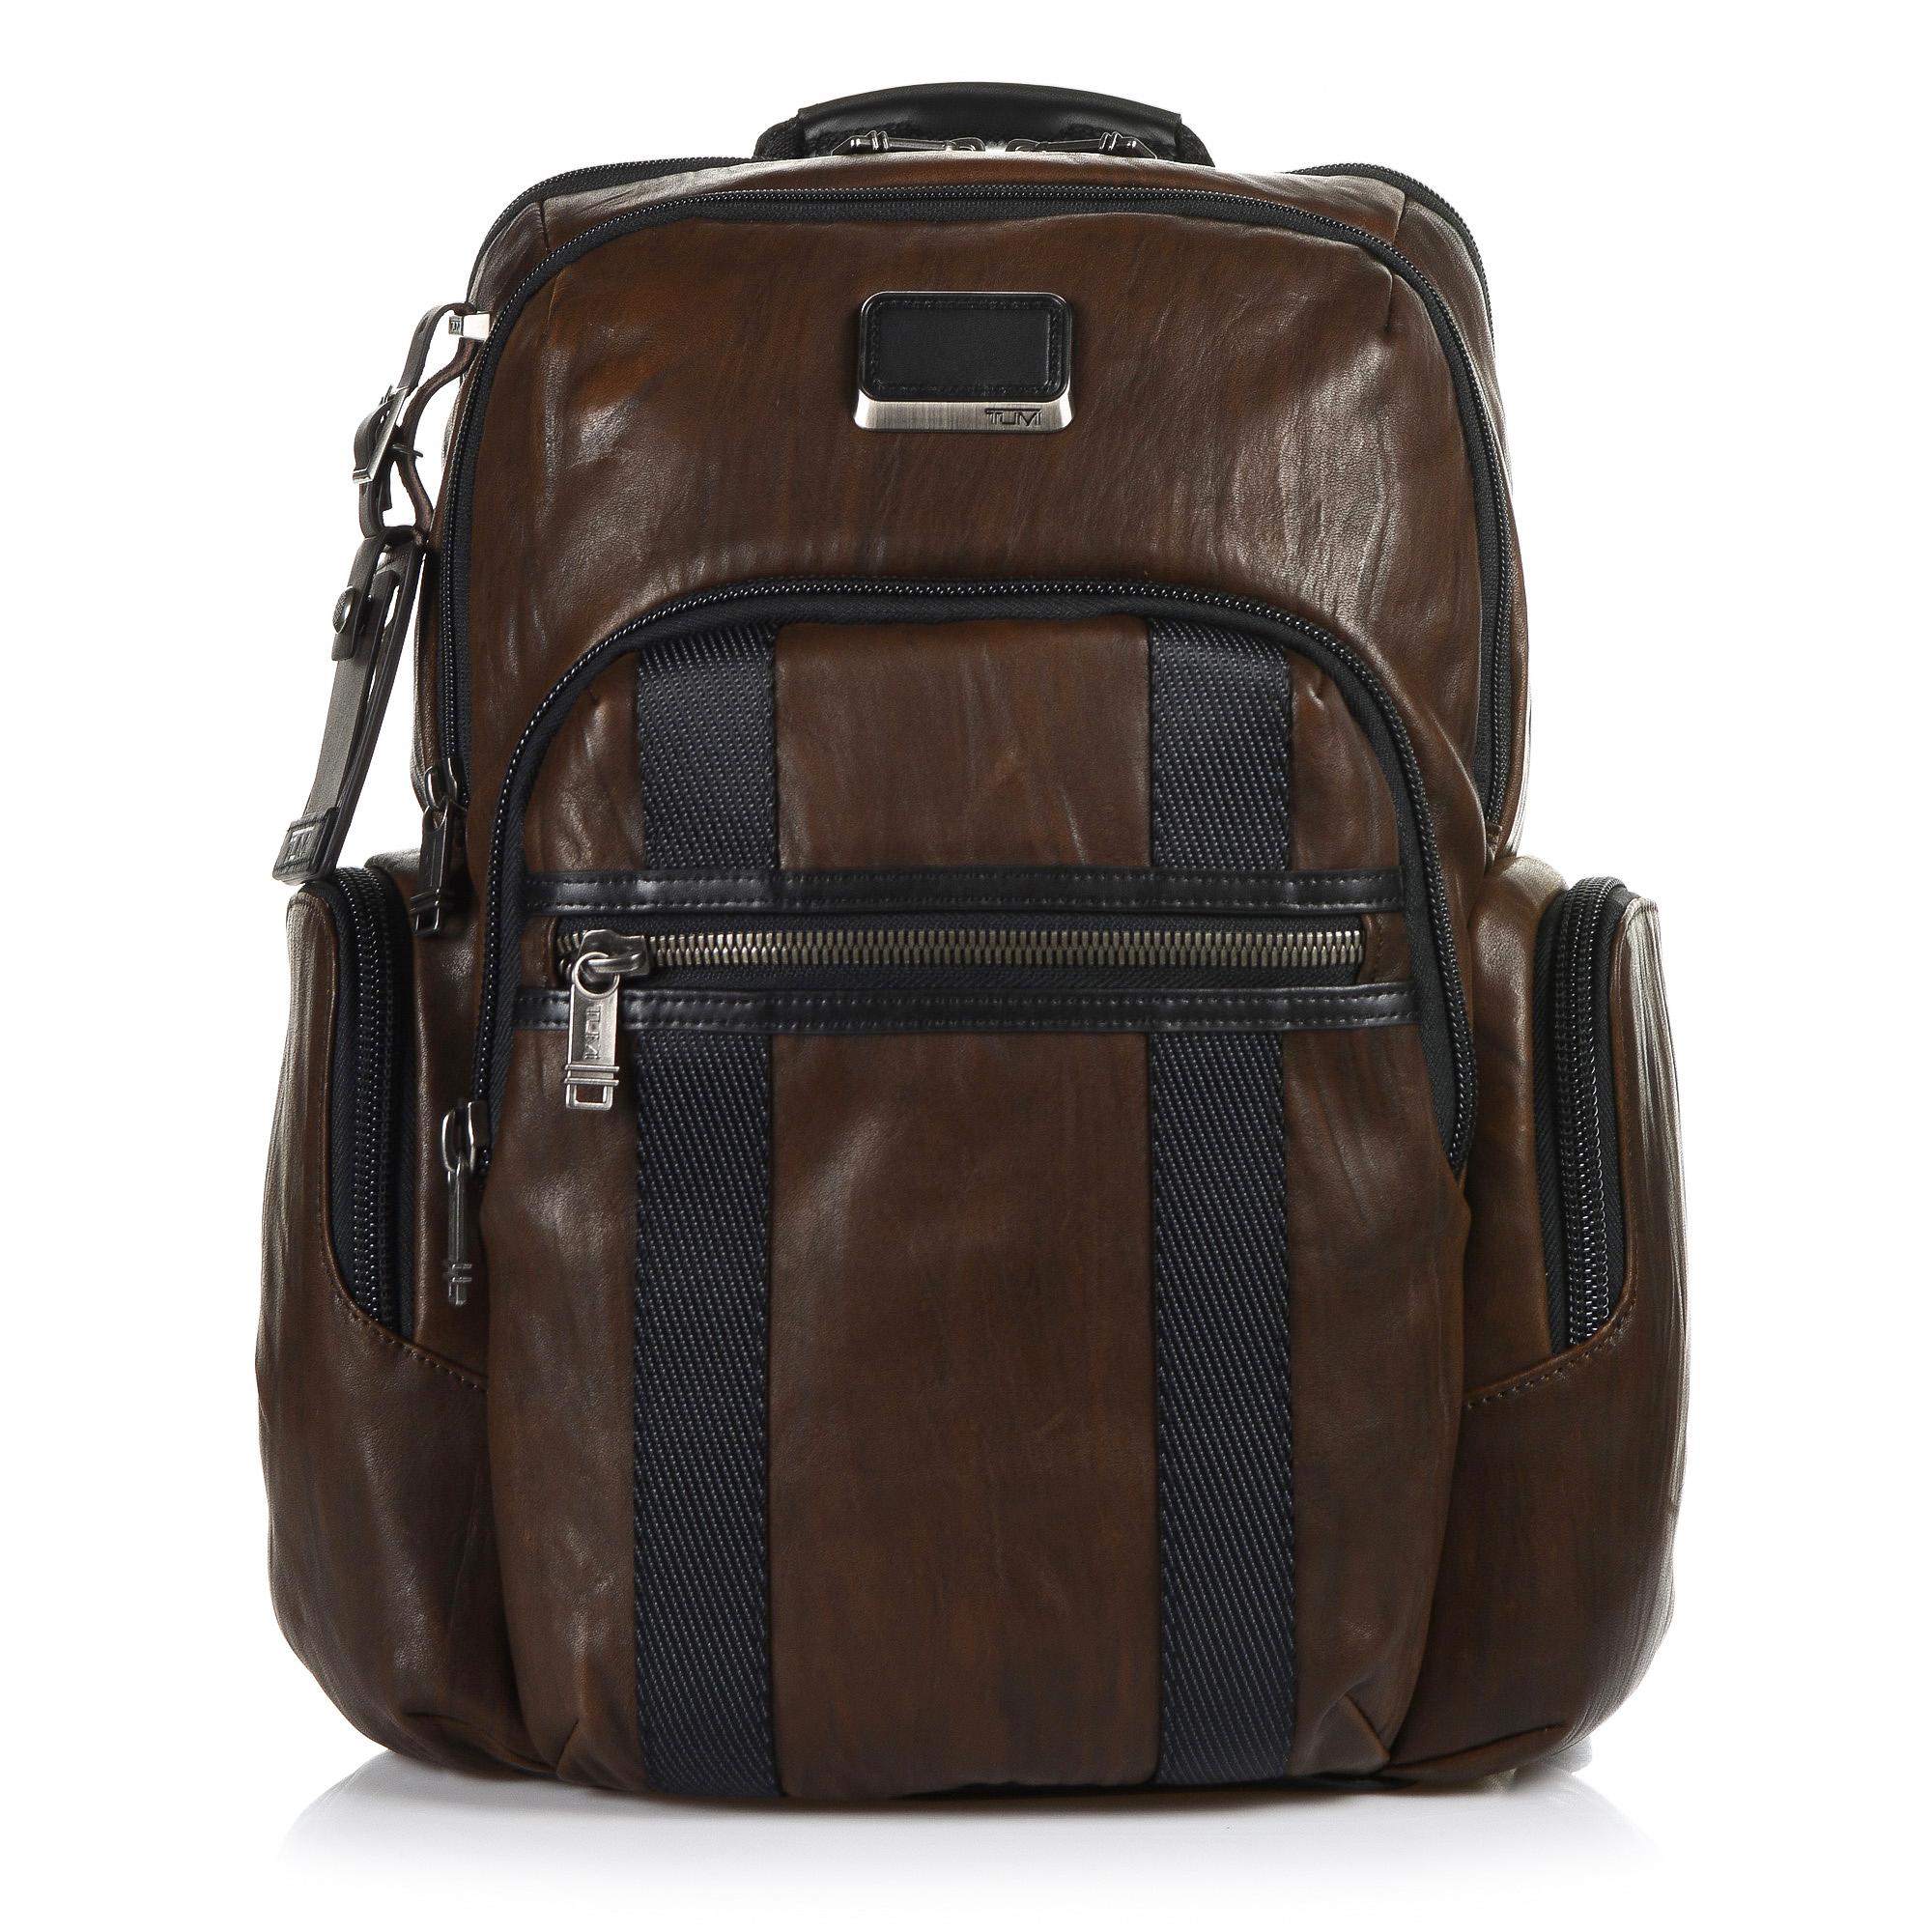 Δερμάτινο Σακίδιο Πλάτης Tumi ALPHA BRAVO Nellis Backpack Leather ... 44fe3c4ab95